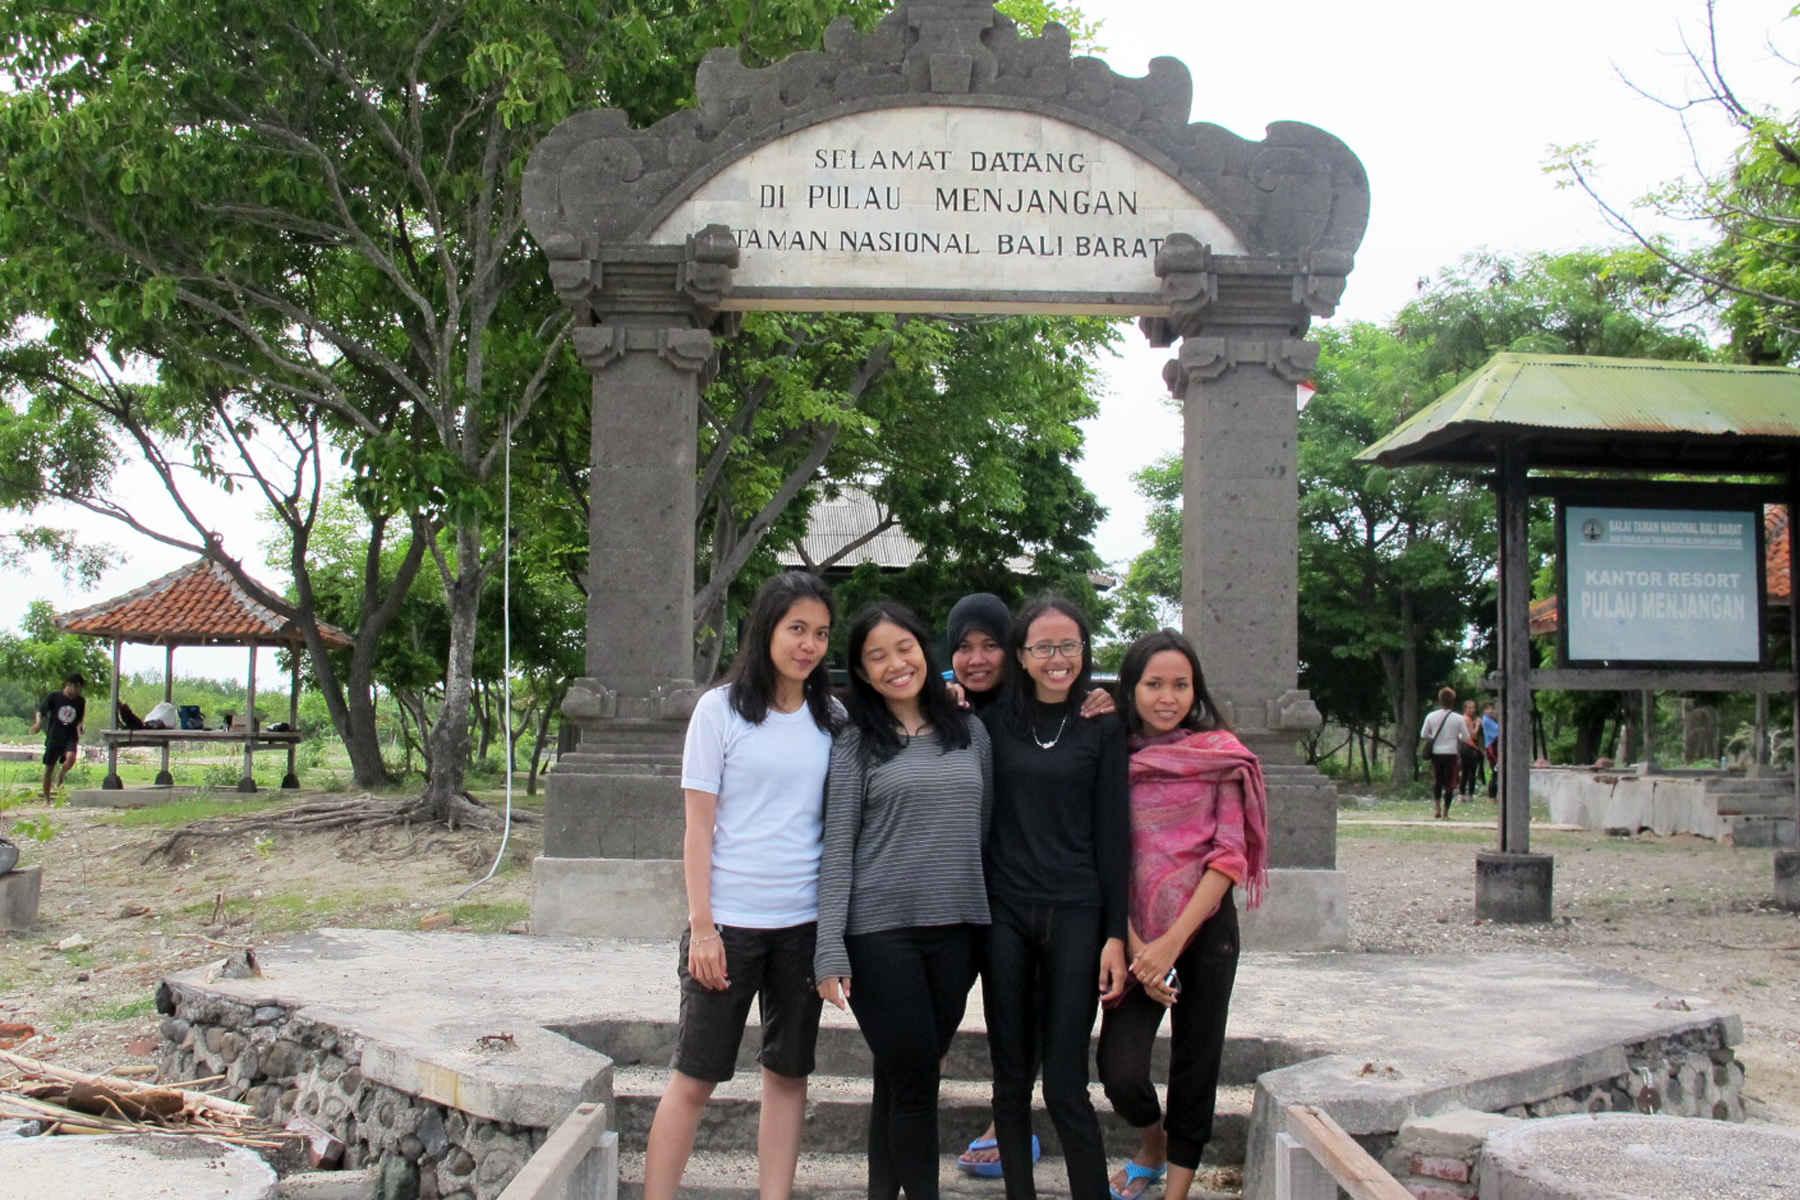 Paket Wisata Pulau Menjangan One Day Trip